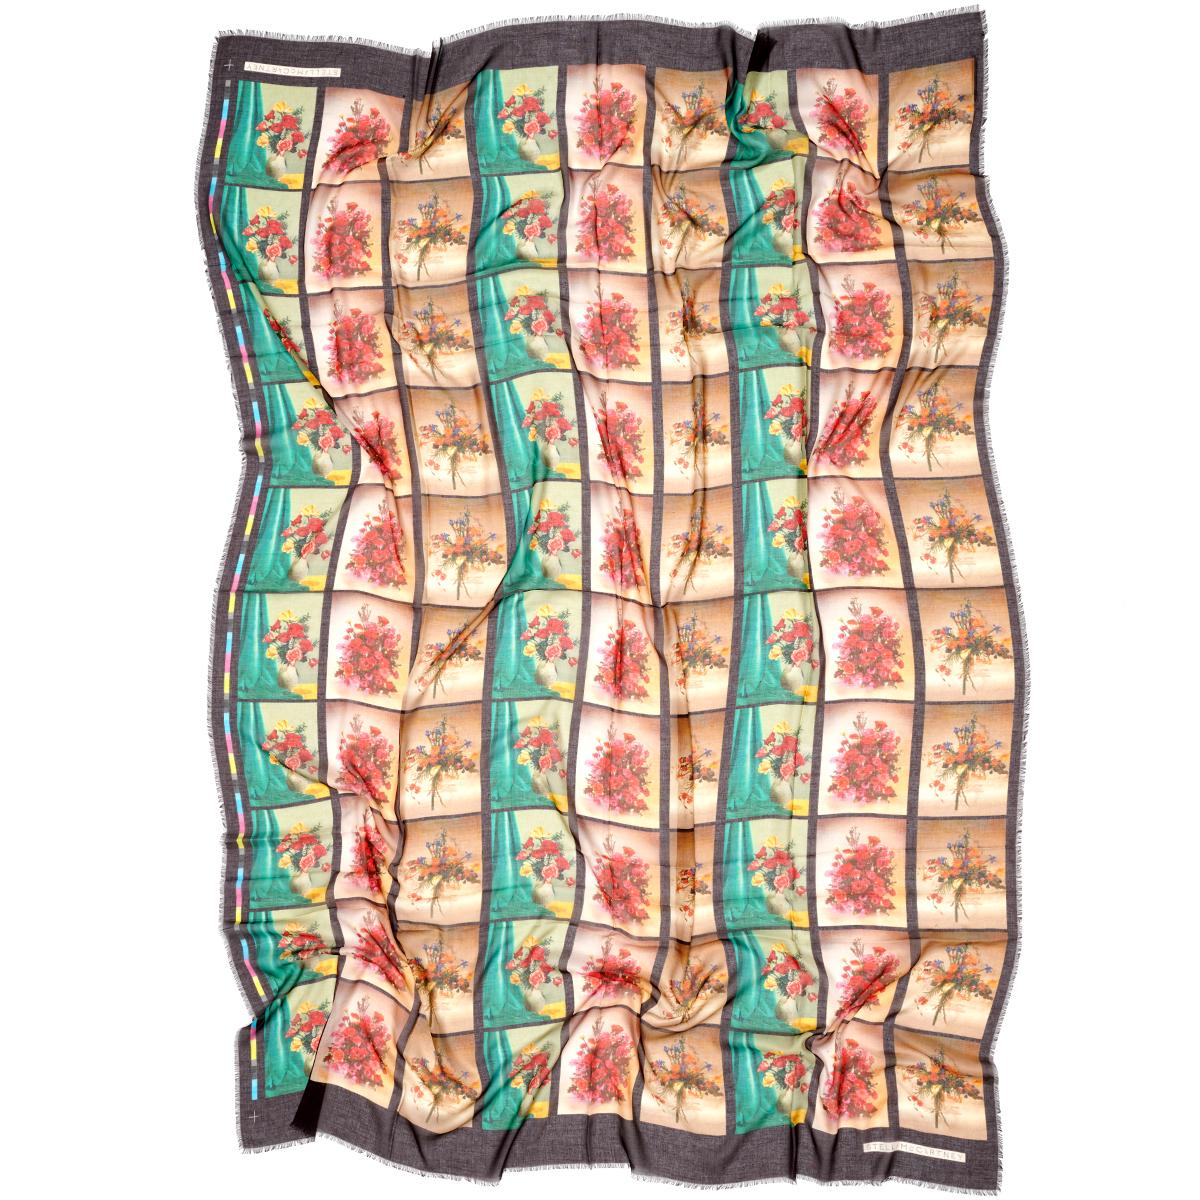 Flower print scarf by Stella McCartney